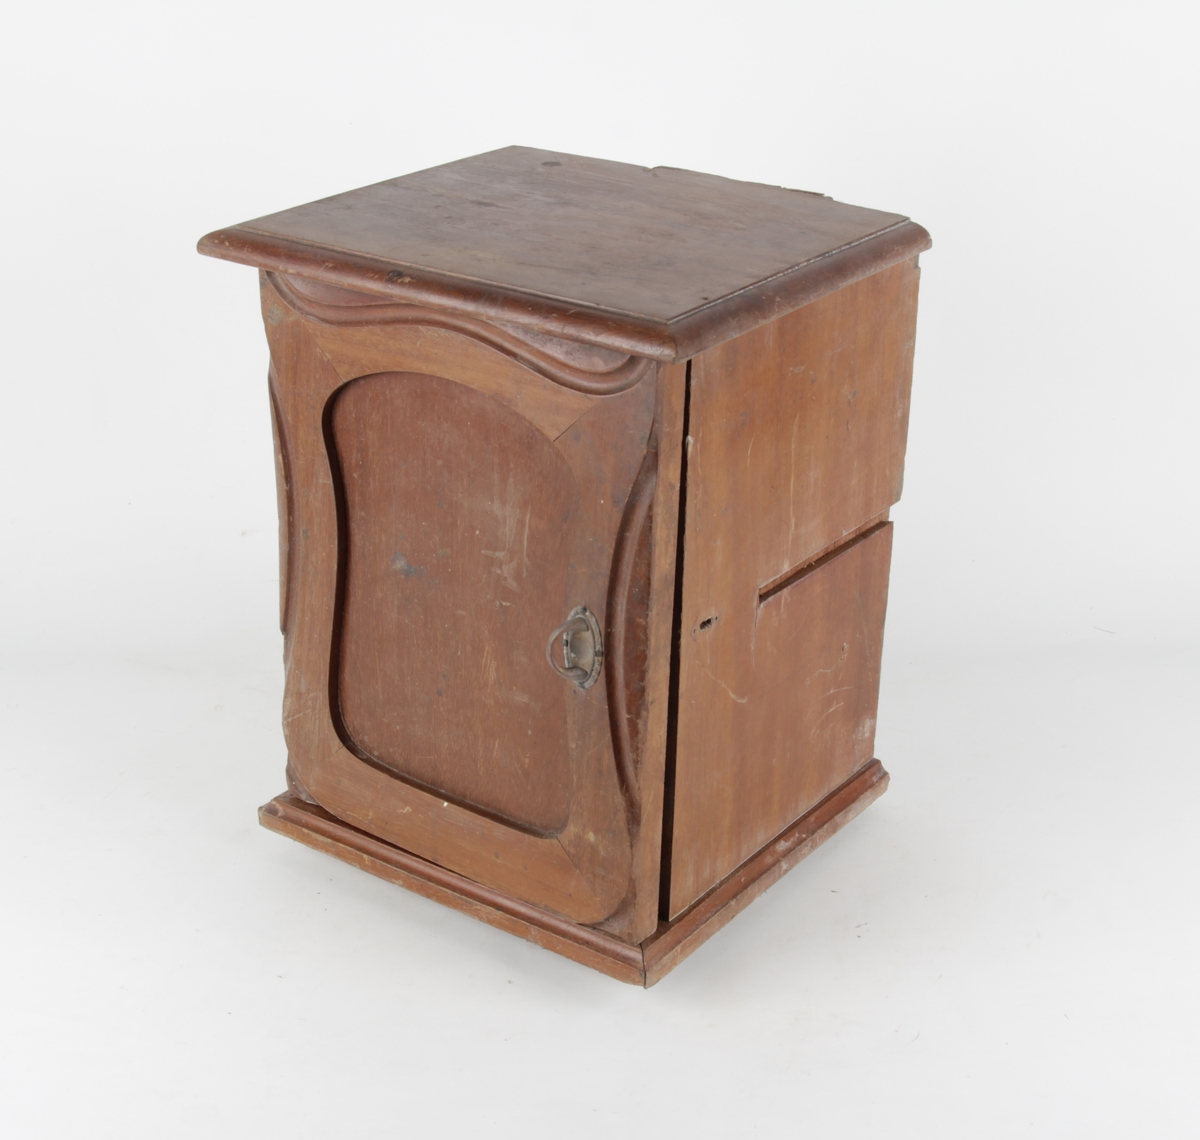 Lite skap med nøkkelhull. Dekorert med utskjæringer i art nouveau-stil.